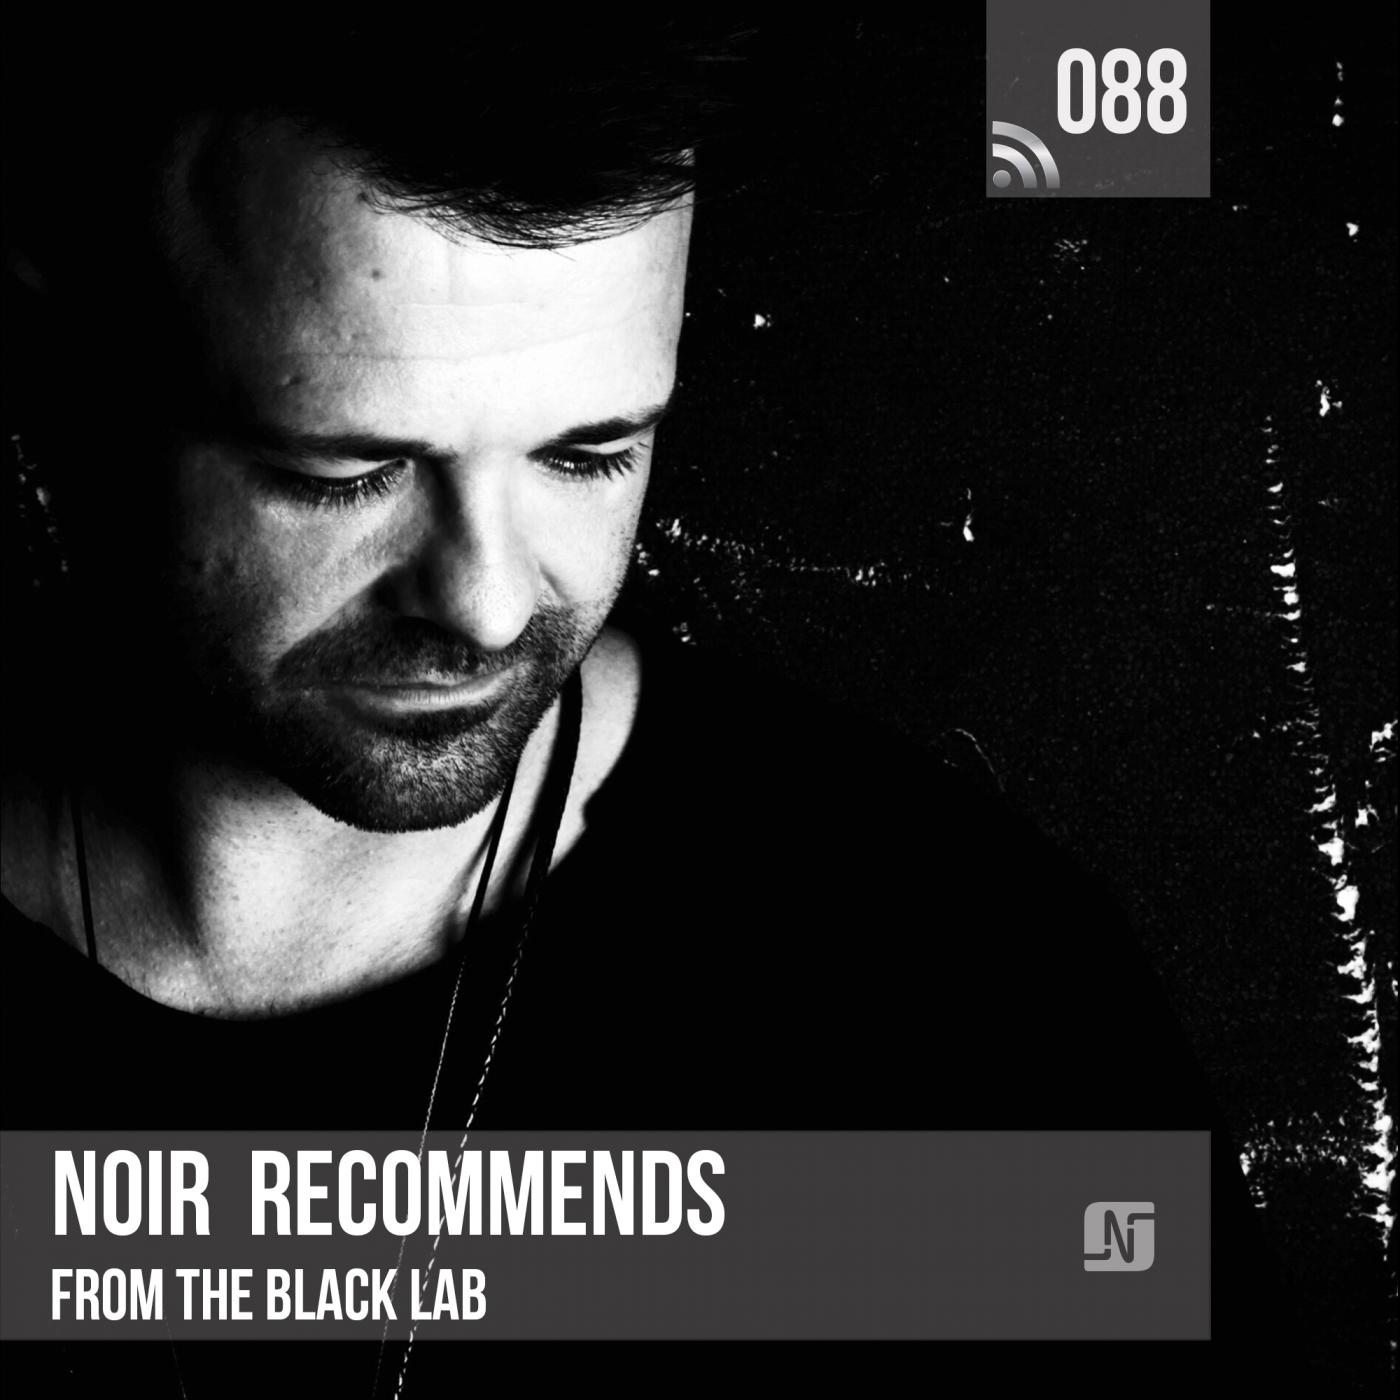 Noir Recommends 088 | Noir